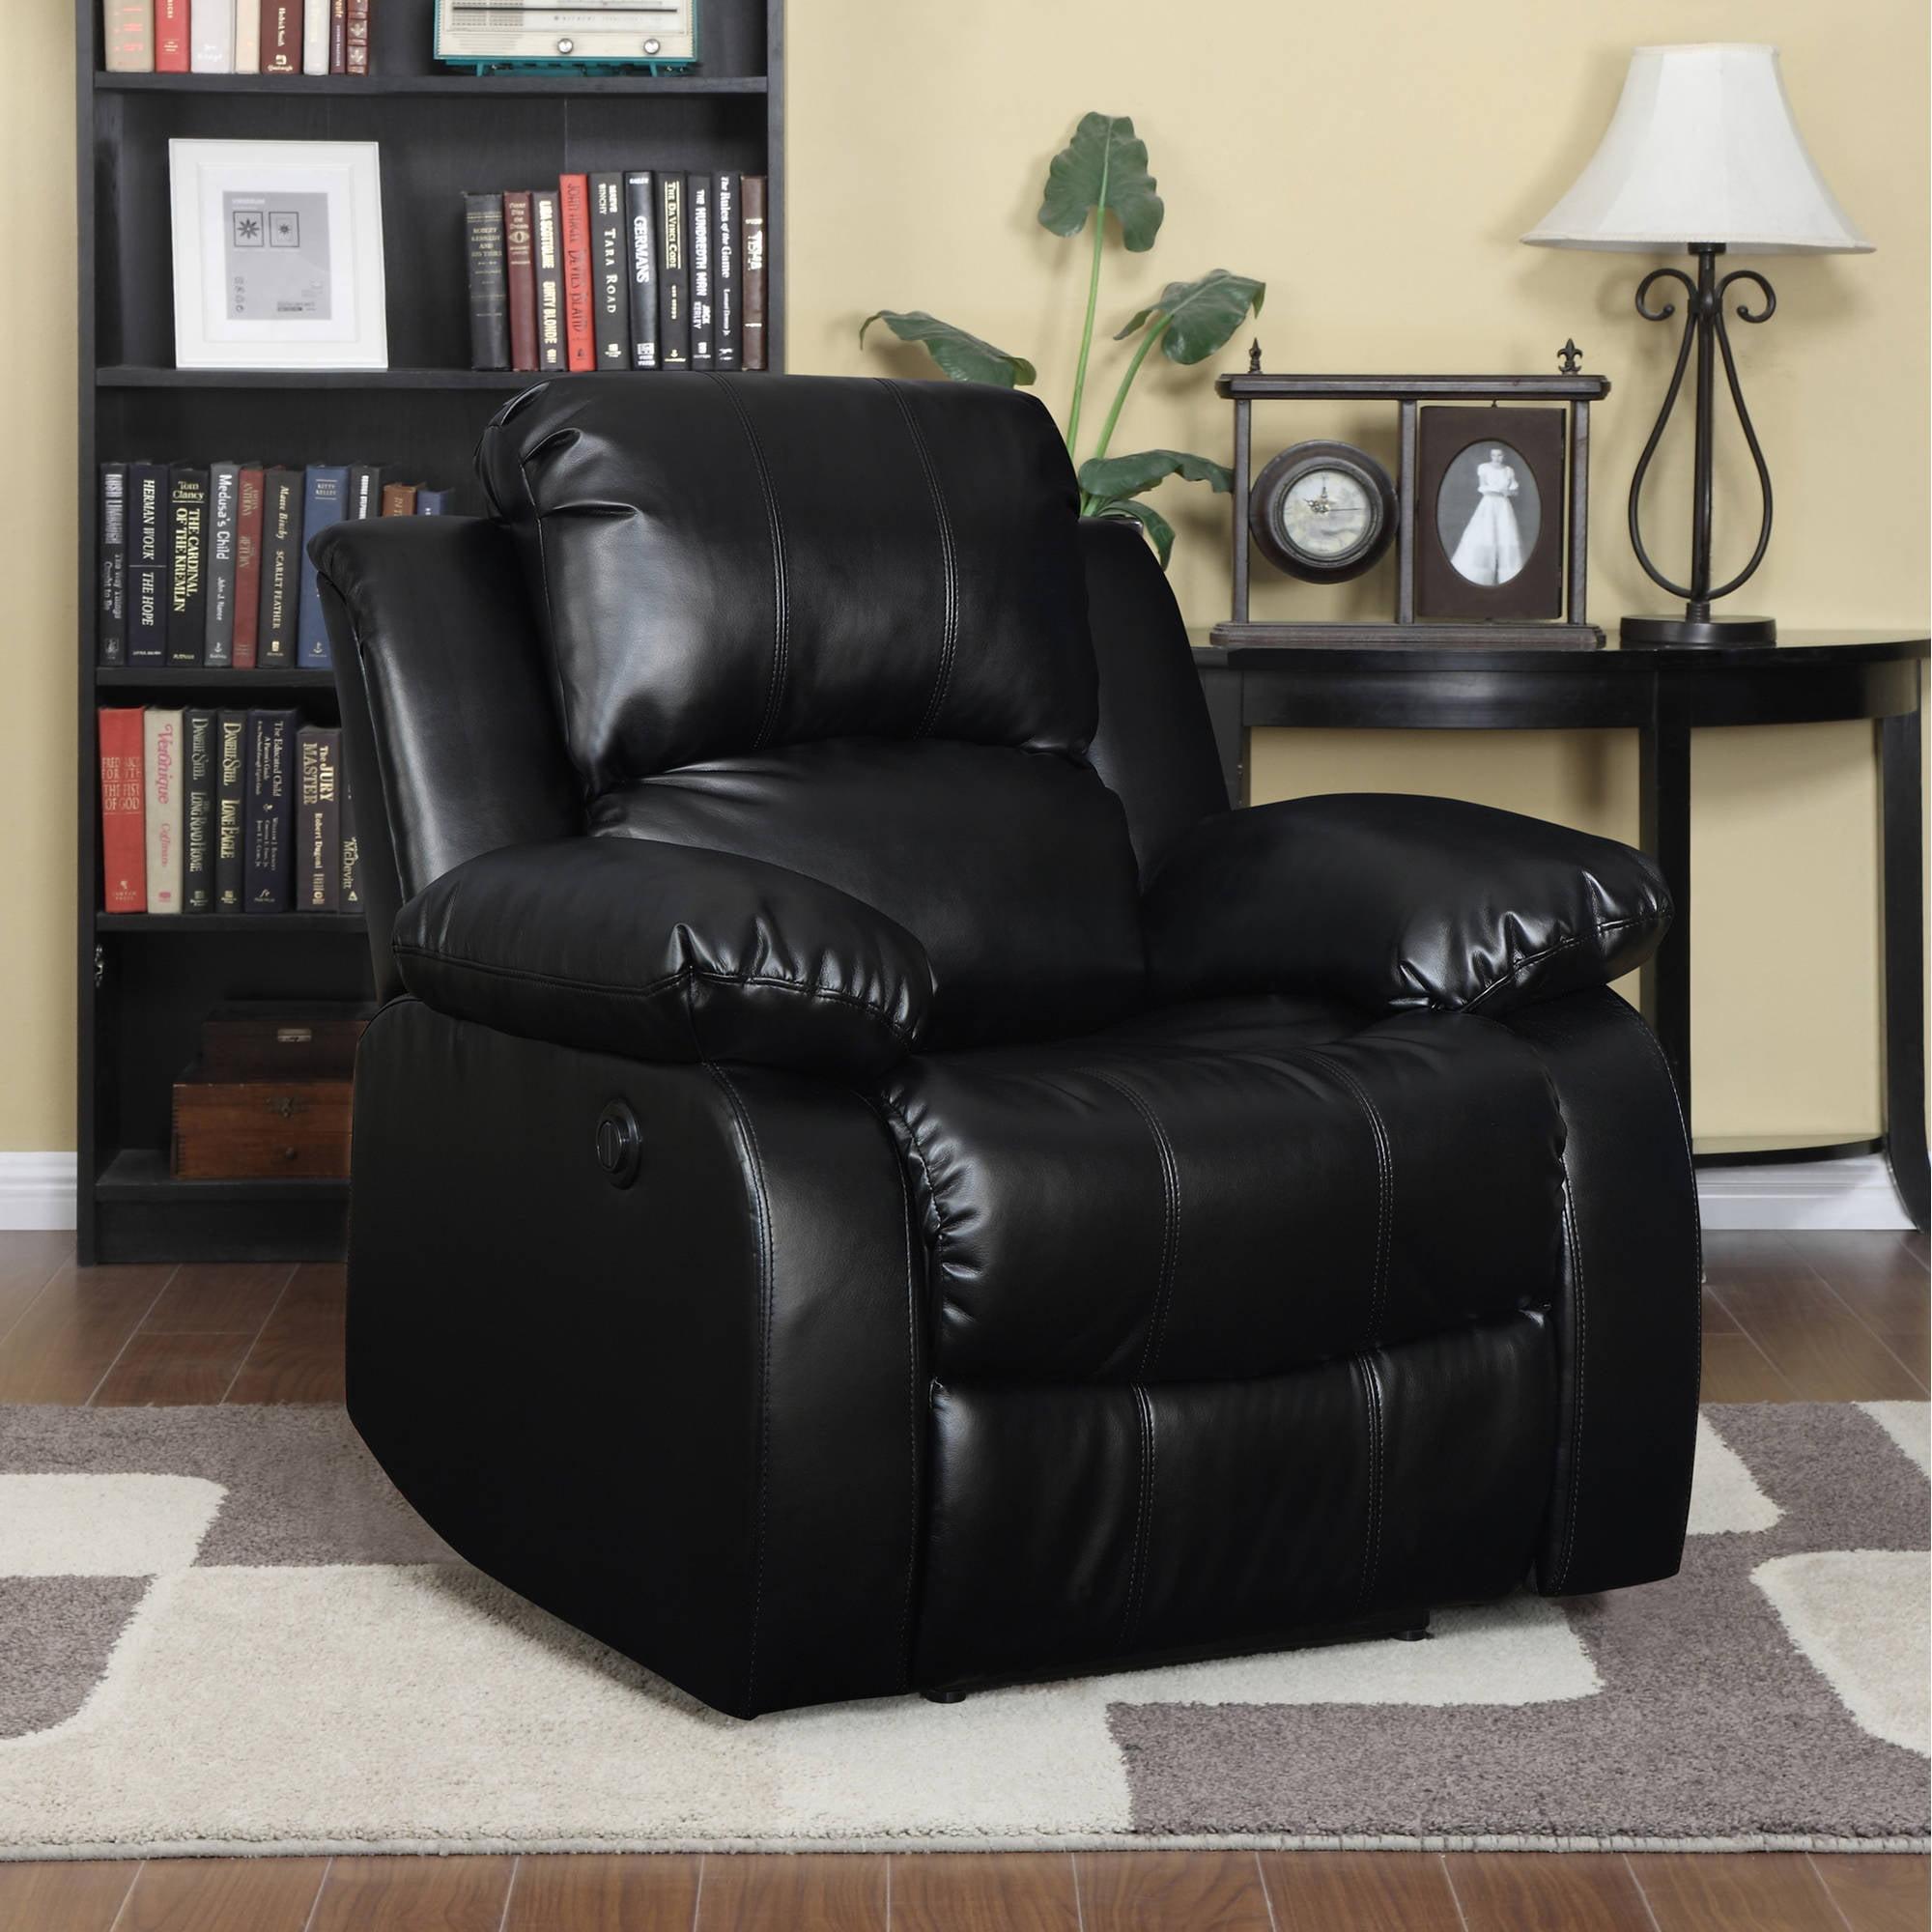 & ProLounger Power Recliner and Lift Wall Hugger Chair - Walmart.com islam-shia.org